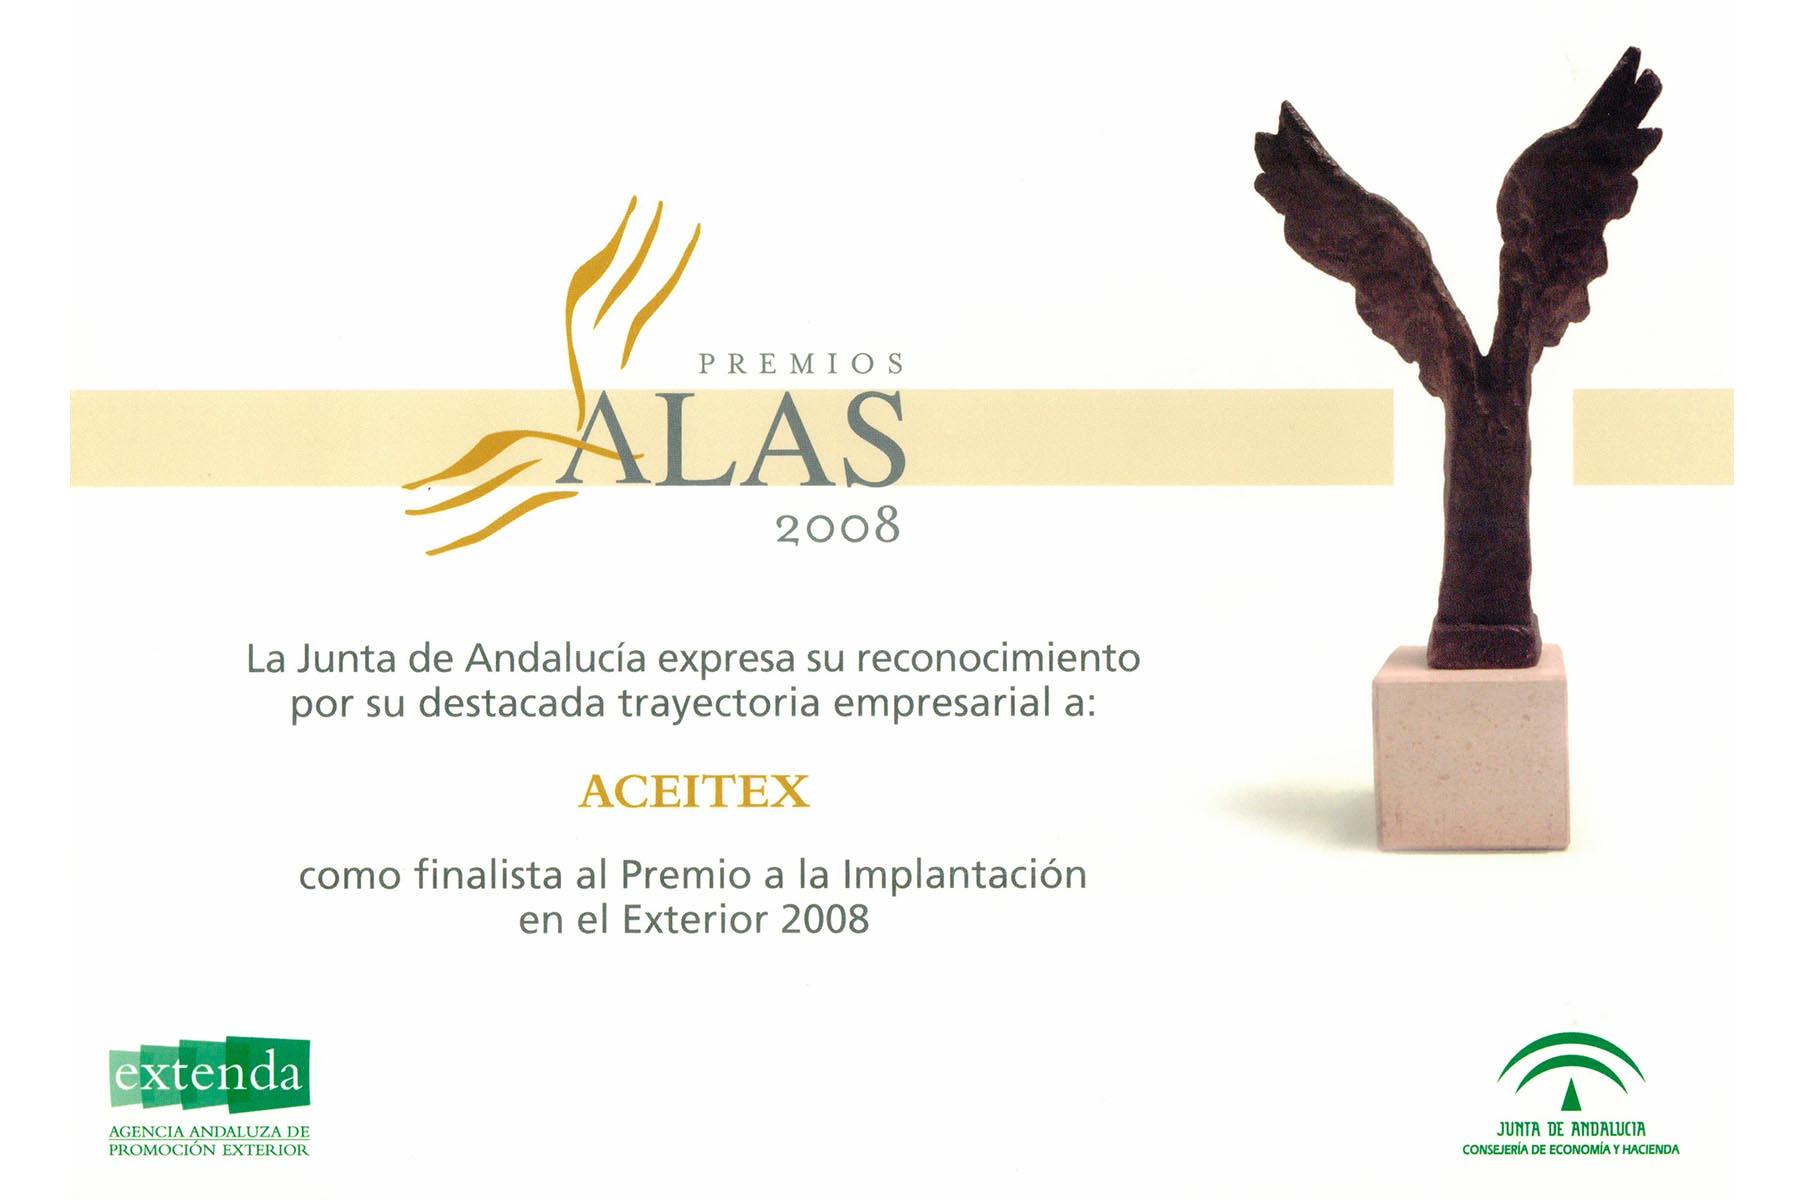 Aceitex-Esportadora---Aceite-de-oliva-virgen-extra---premio